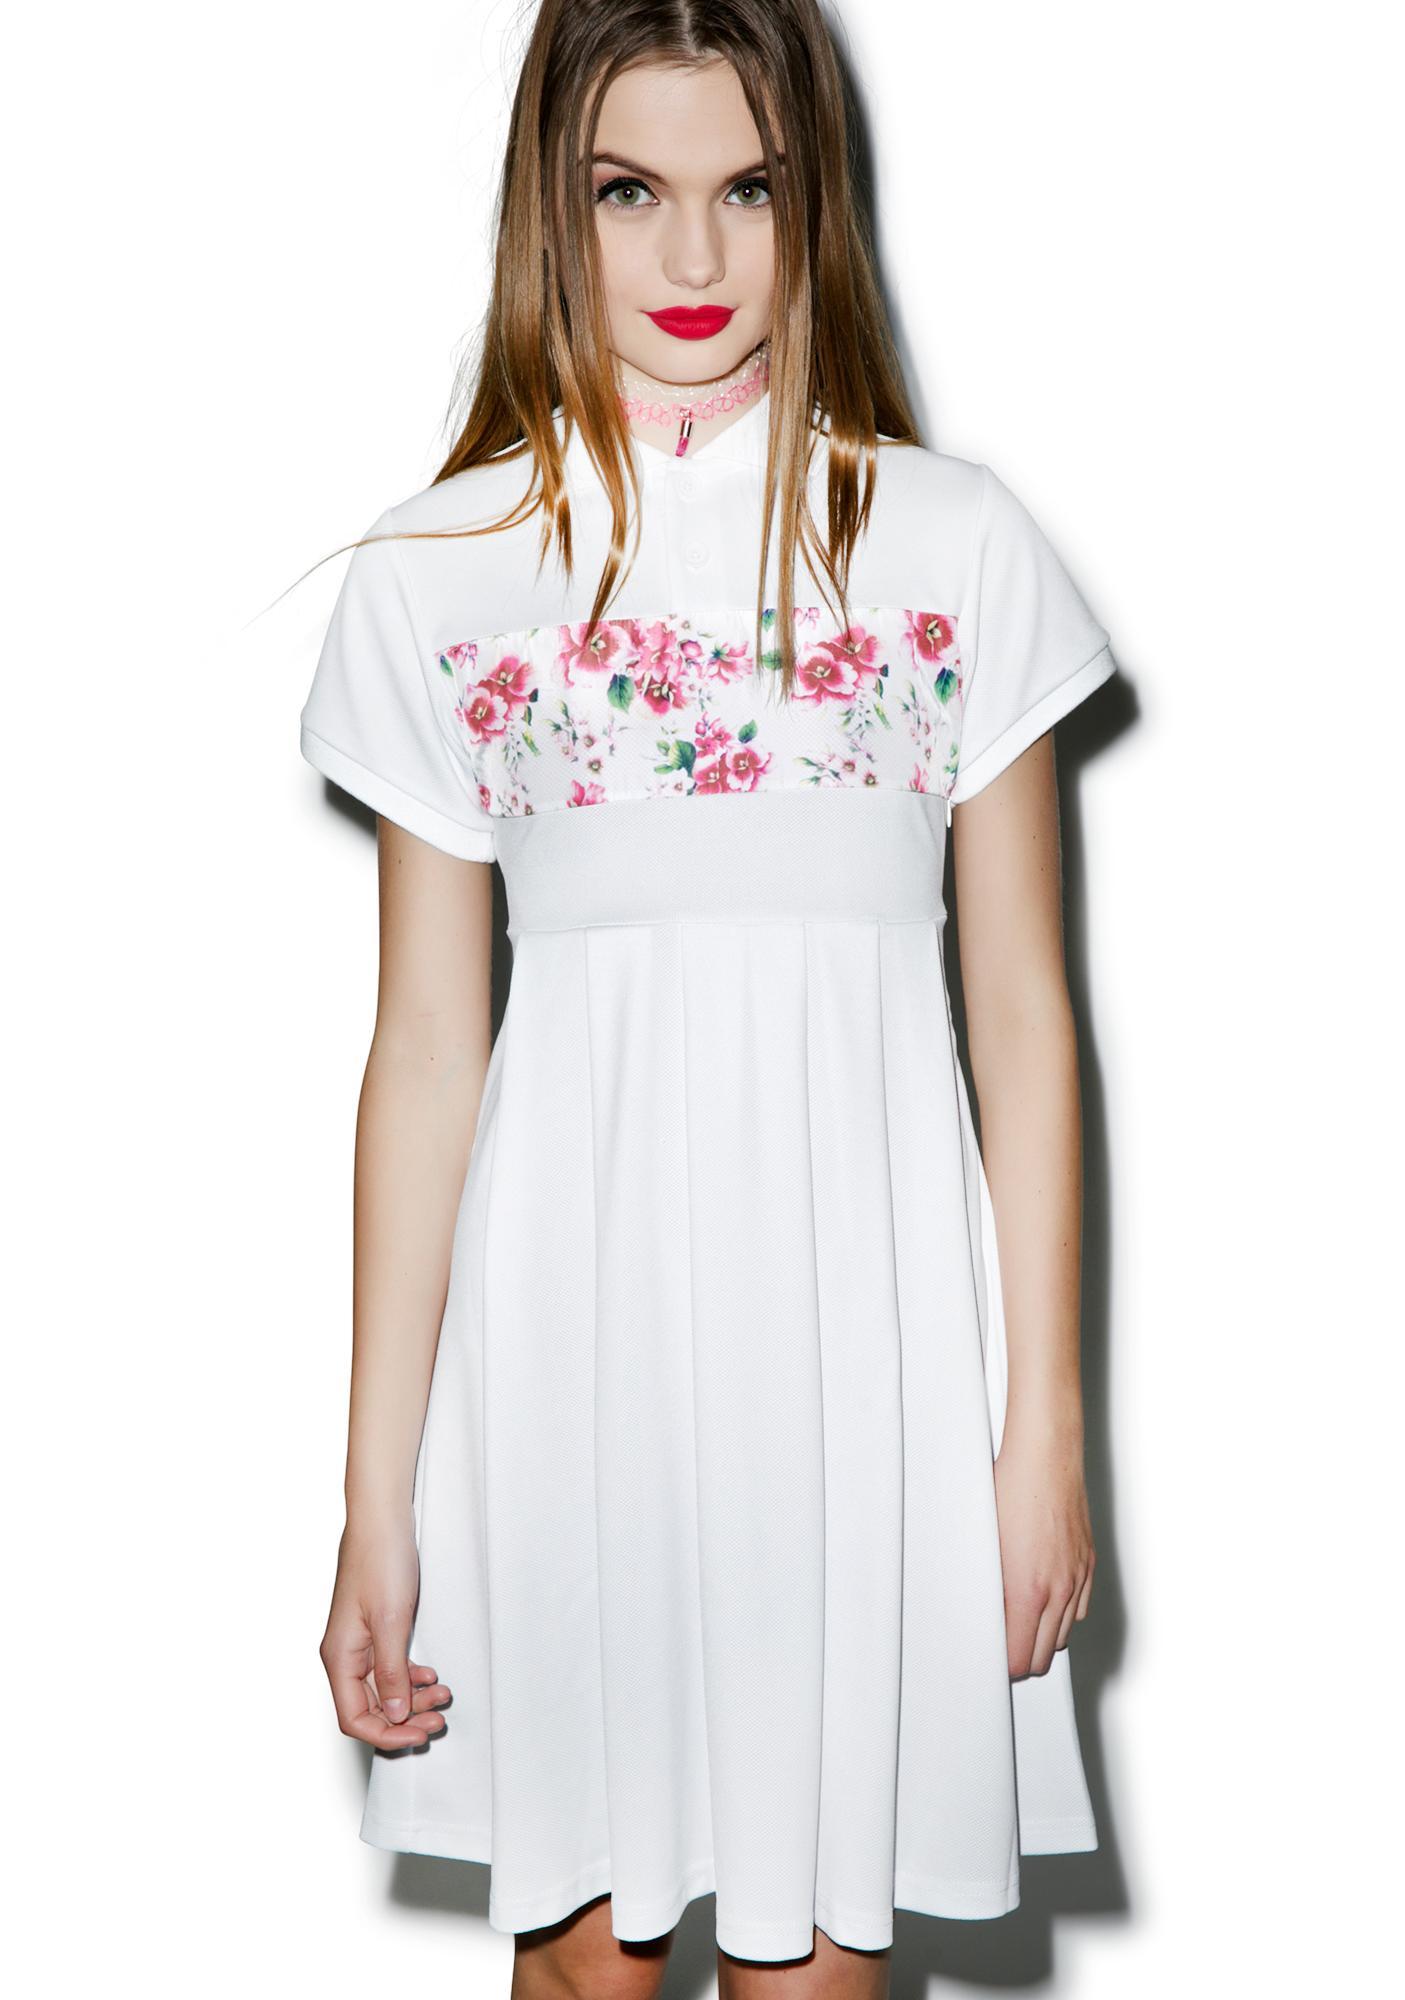 Joyrich Sunset Wallflower Polo Shirt Dress